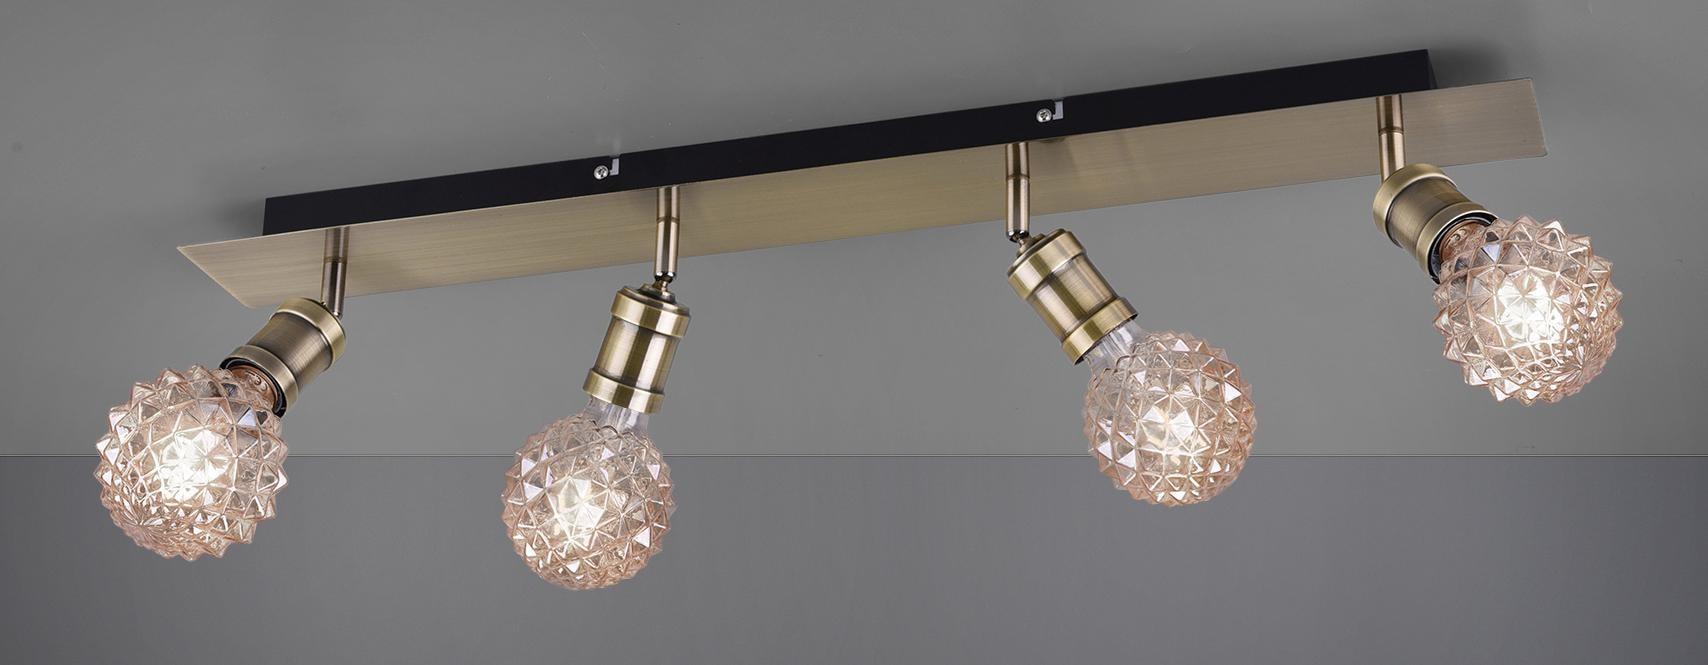 TRIO Leuchten Deckenleuchte Carl, E27, Deckenlampe